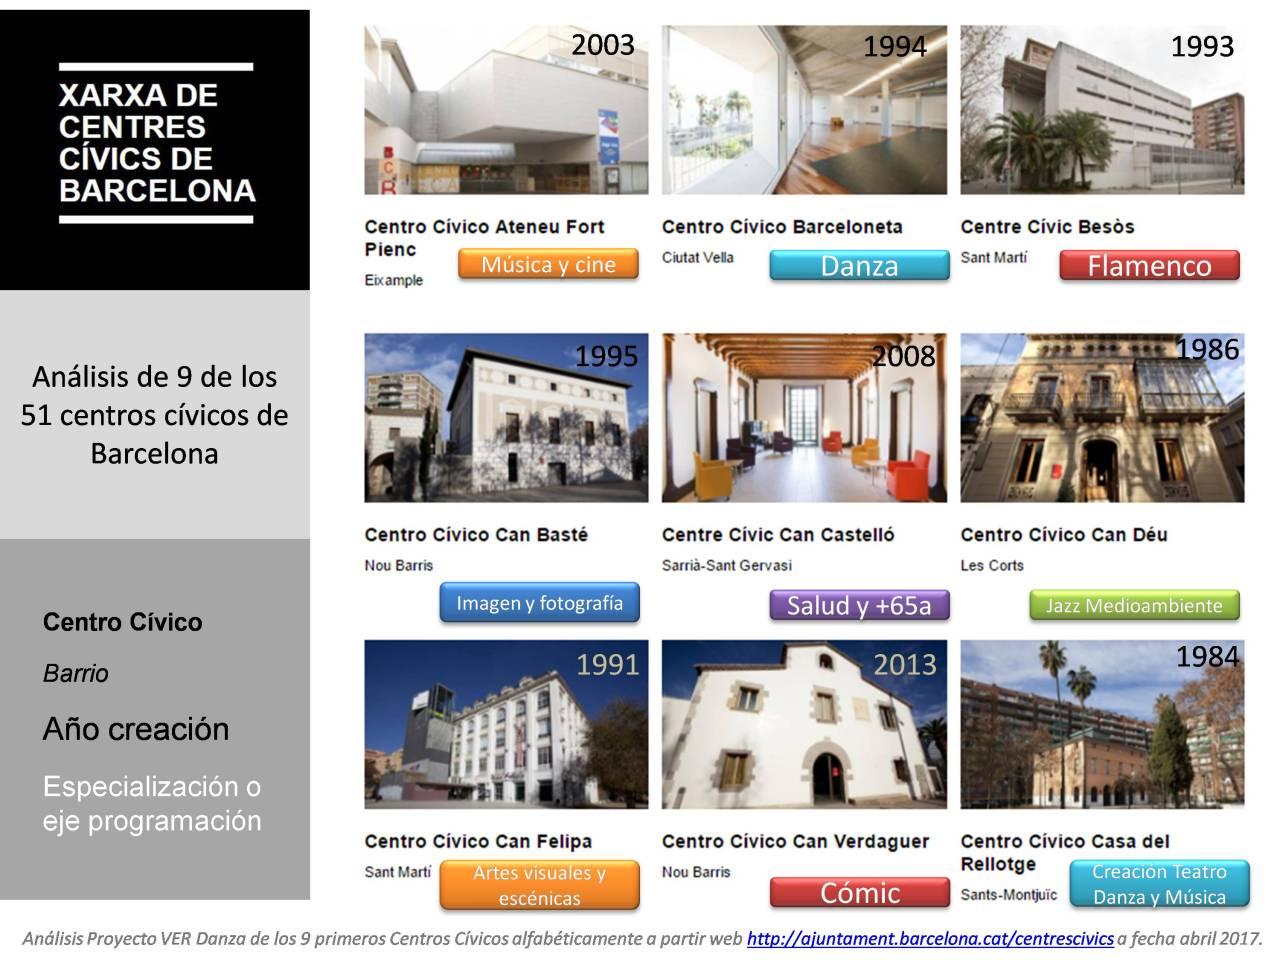 ¿Sabíais que Barcelona tiene 51 Centros Cívicos y algunos muy especializados? En el CC Barceloneta encontraréis programación de DANZA y en el CC BesòsFLAMENCO